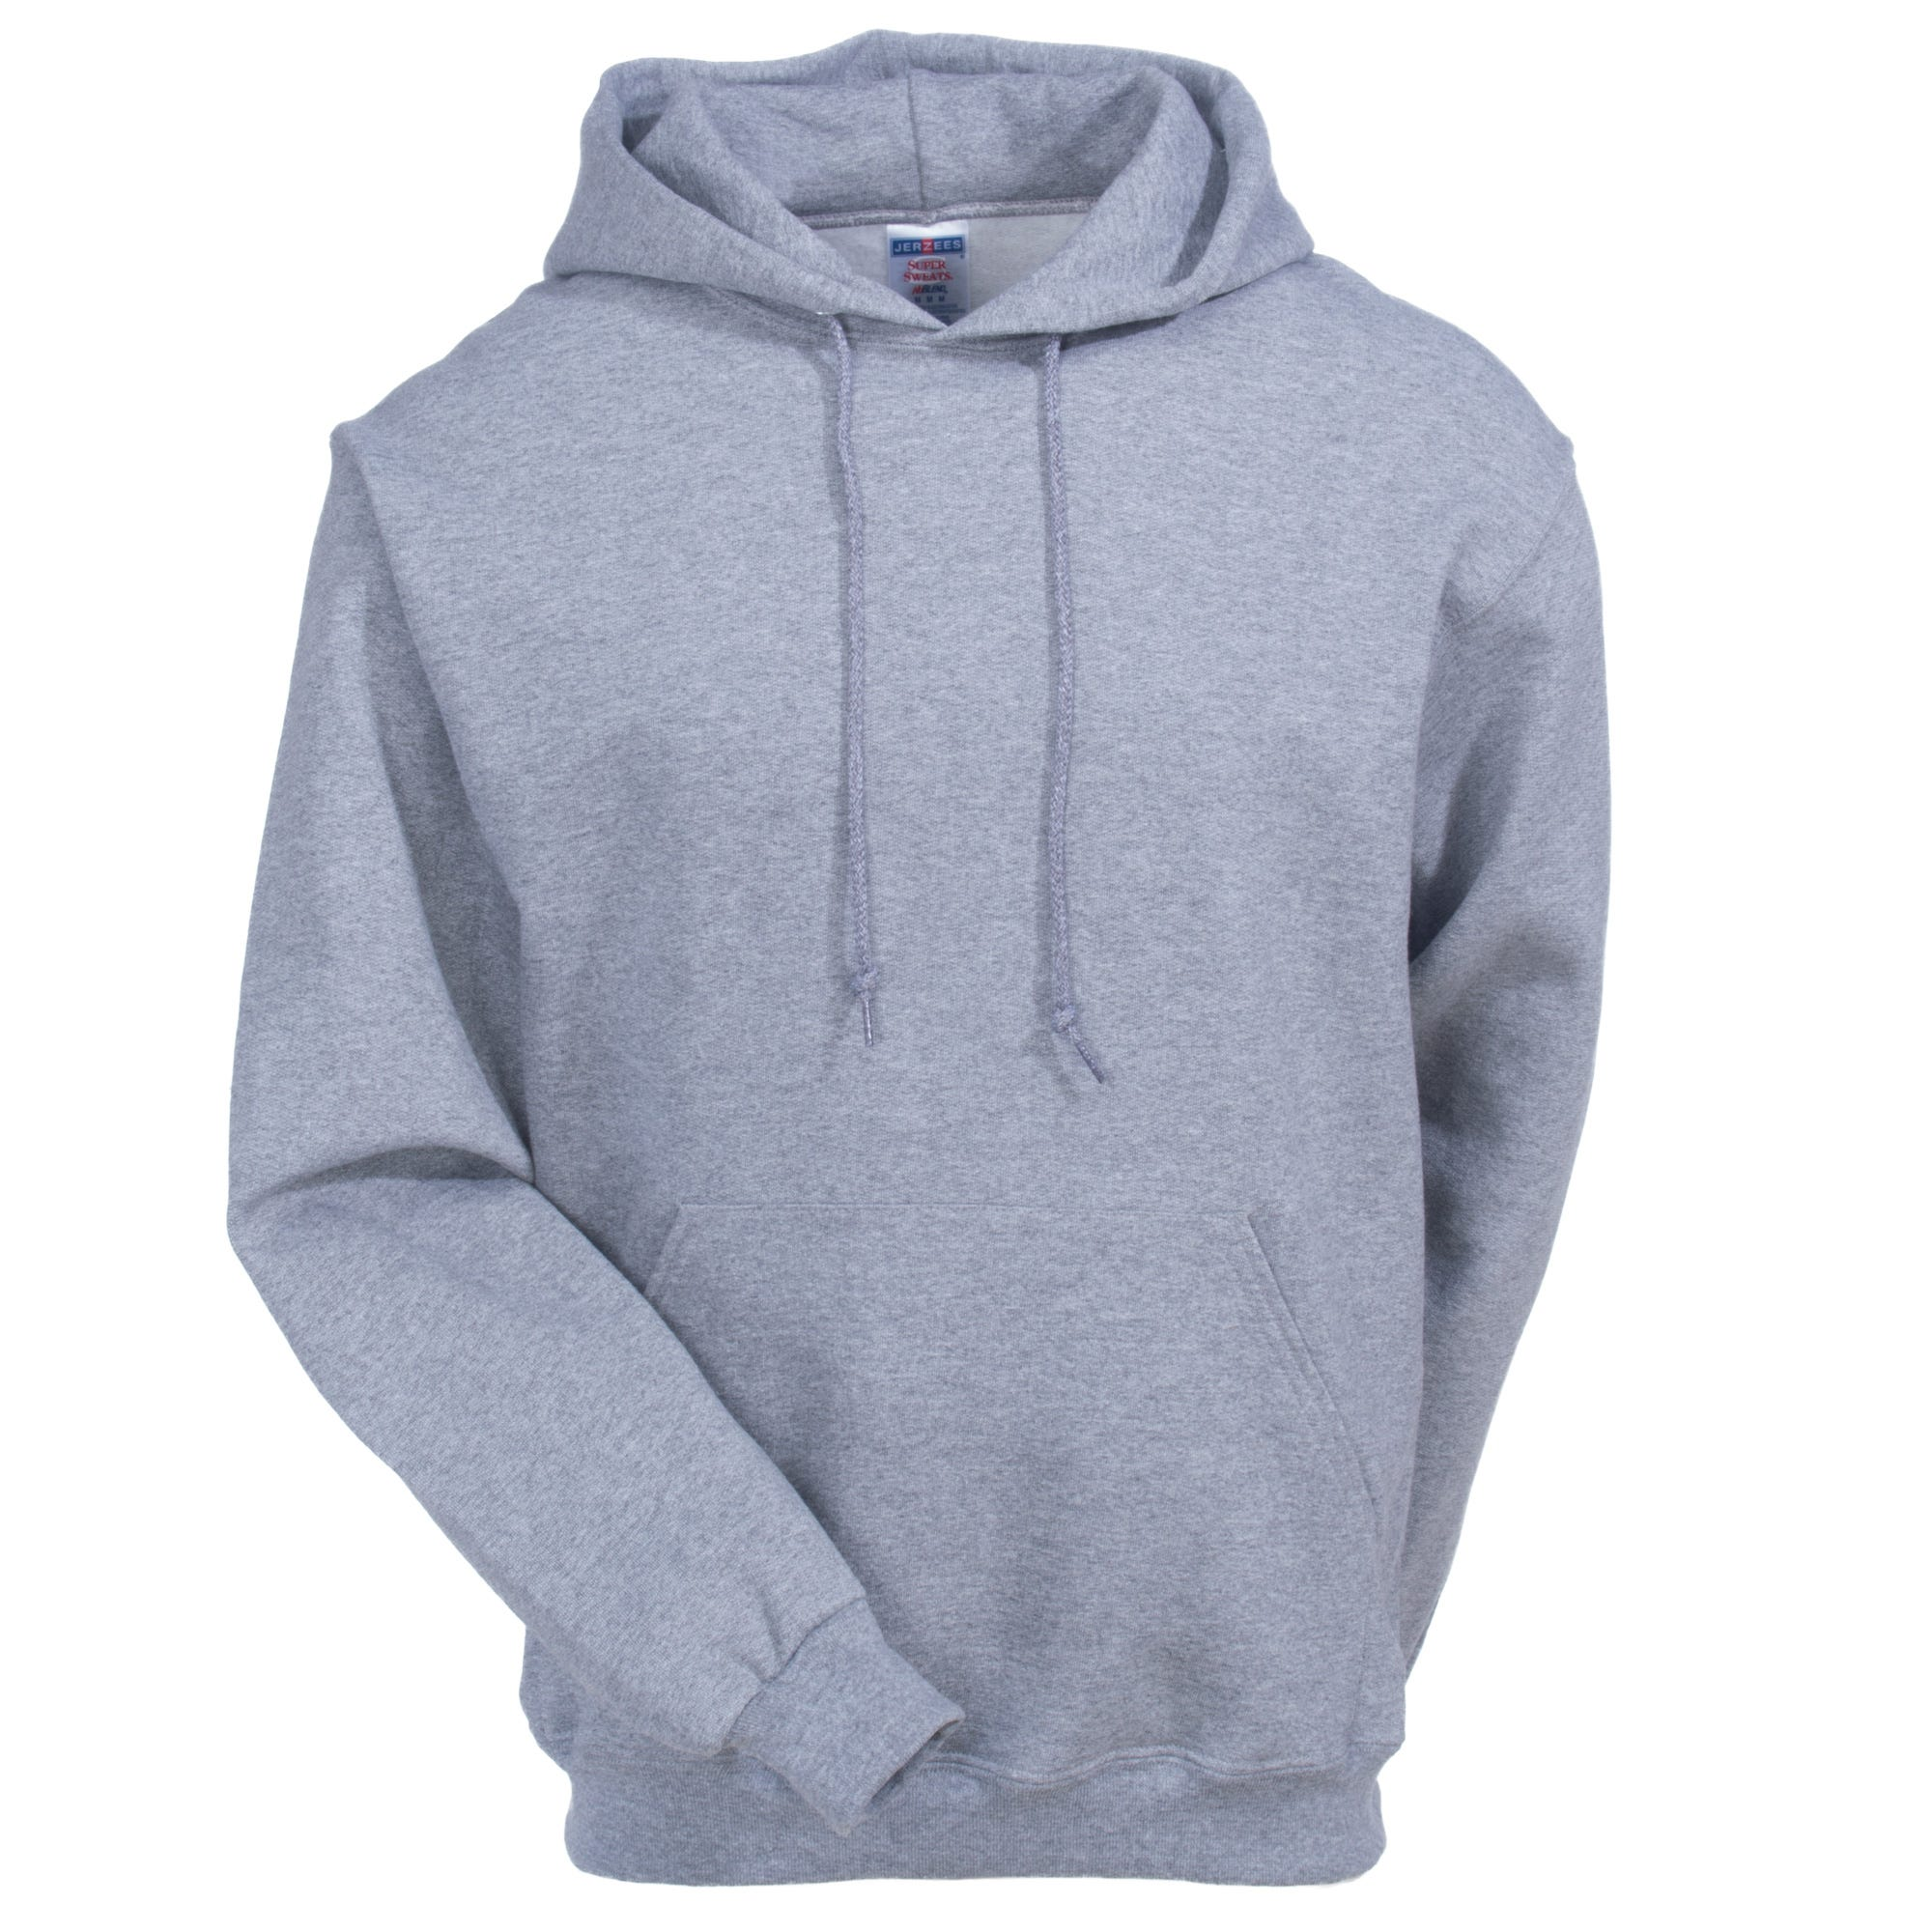 jerzees sweatshirts men 39 s 4997m oxf oxford grey super. Black Bedroom Furniture Sets. Home Design Ideas